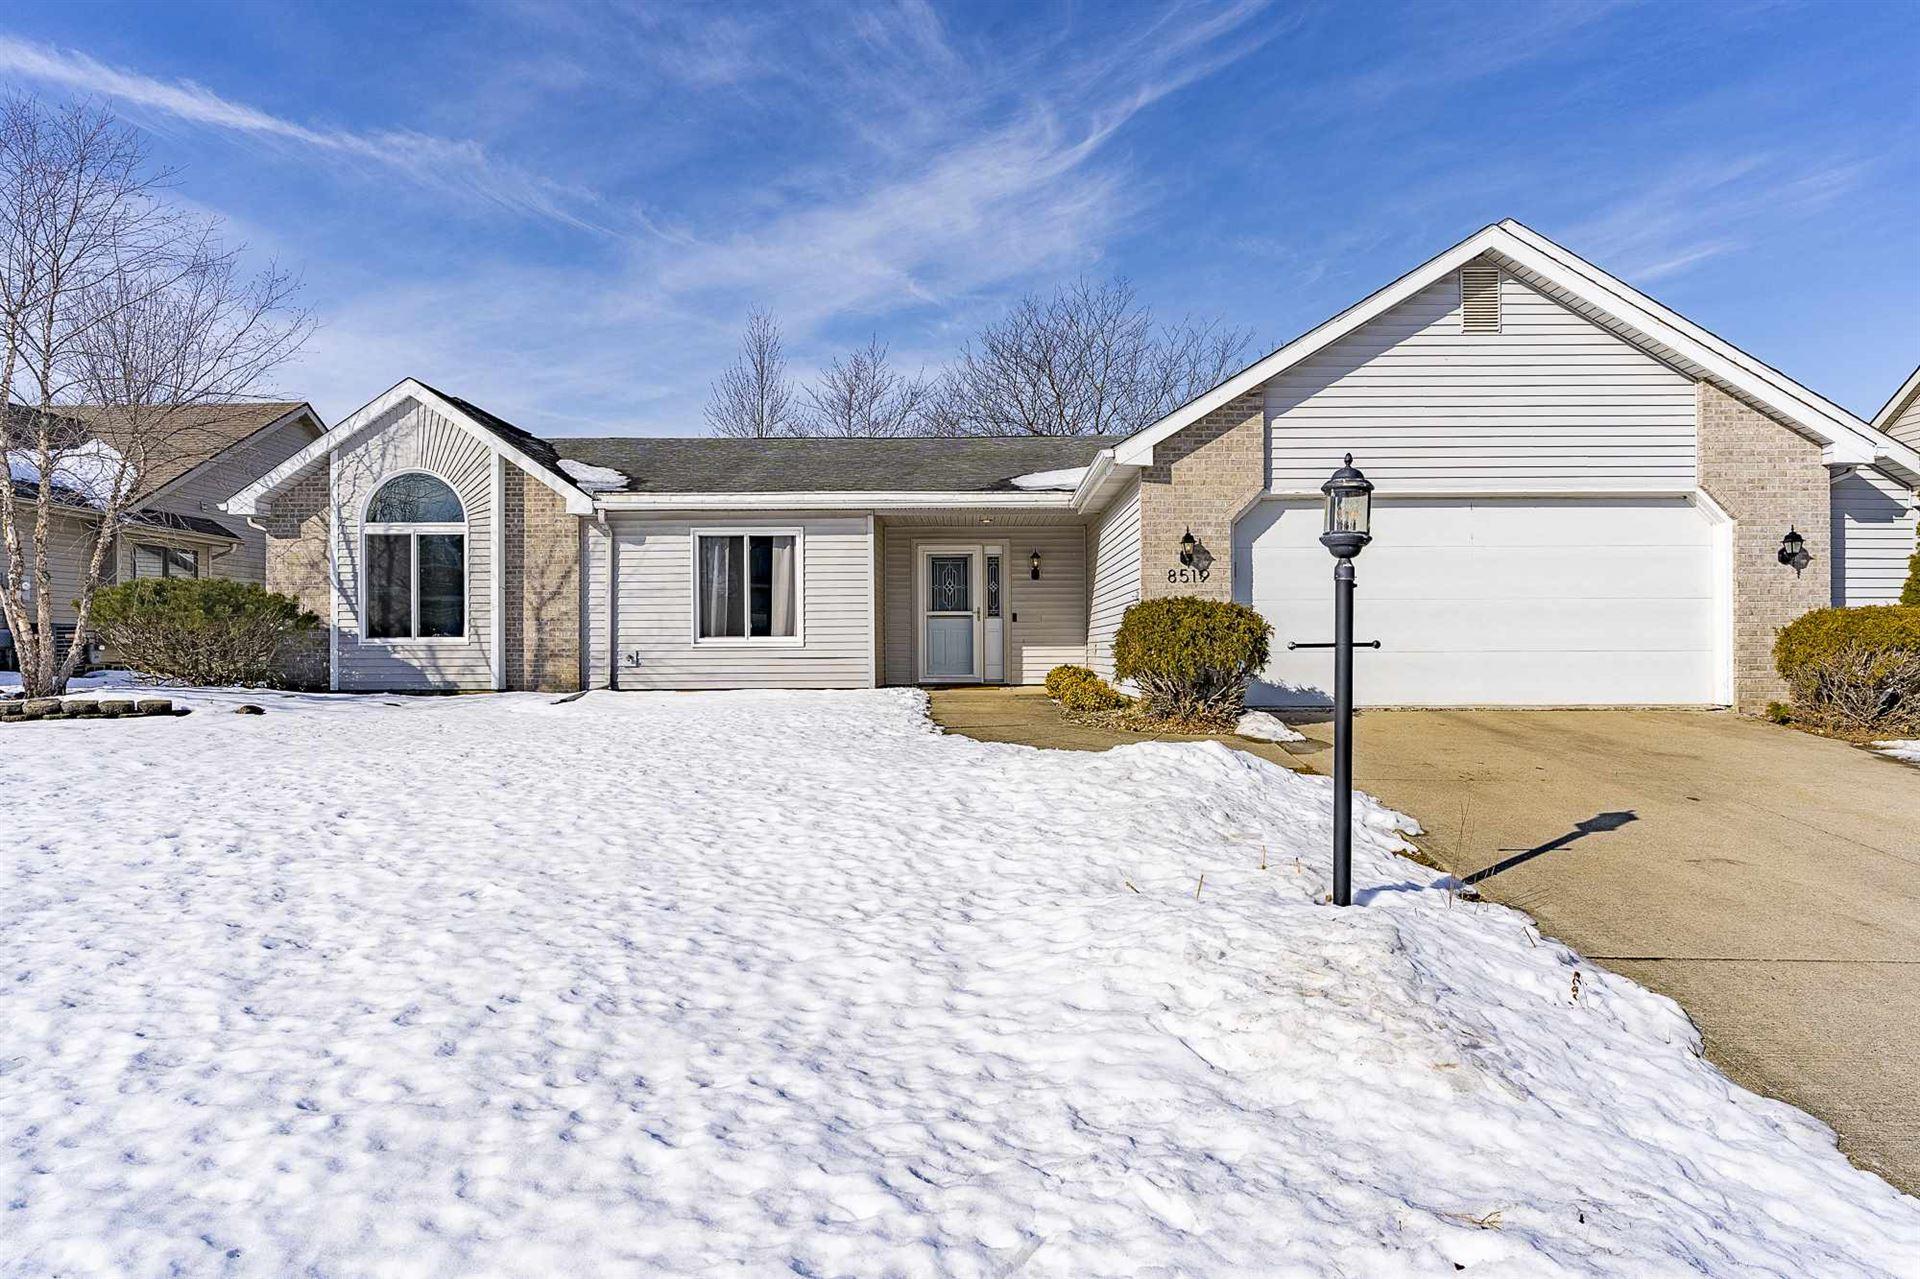 8519 Deer Brook Place, Fort Wayne, IN 46825 - #: 202105824